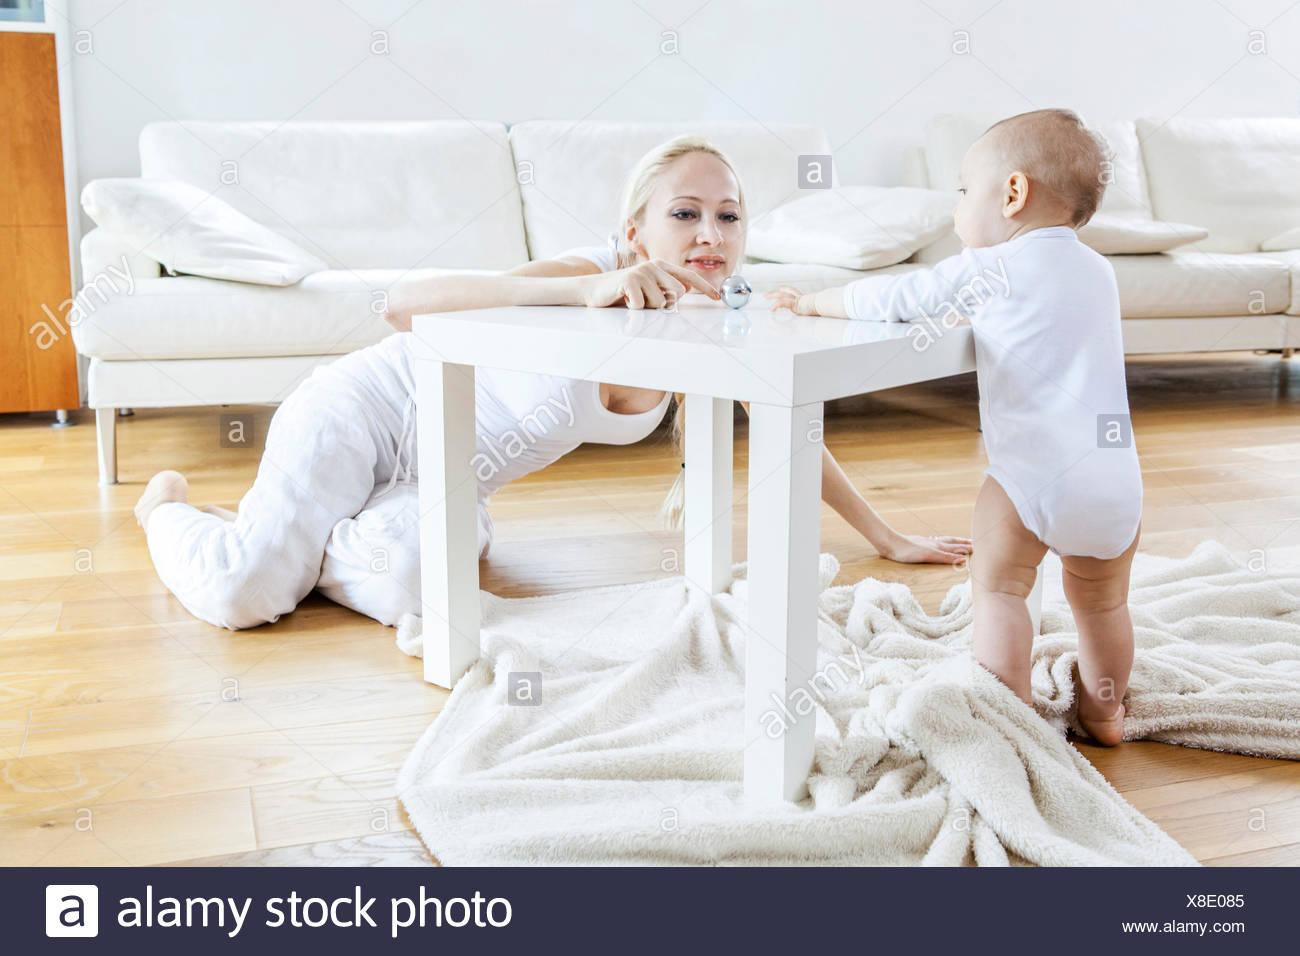 La madre e il bambino giocando in salotto Immagini Stock